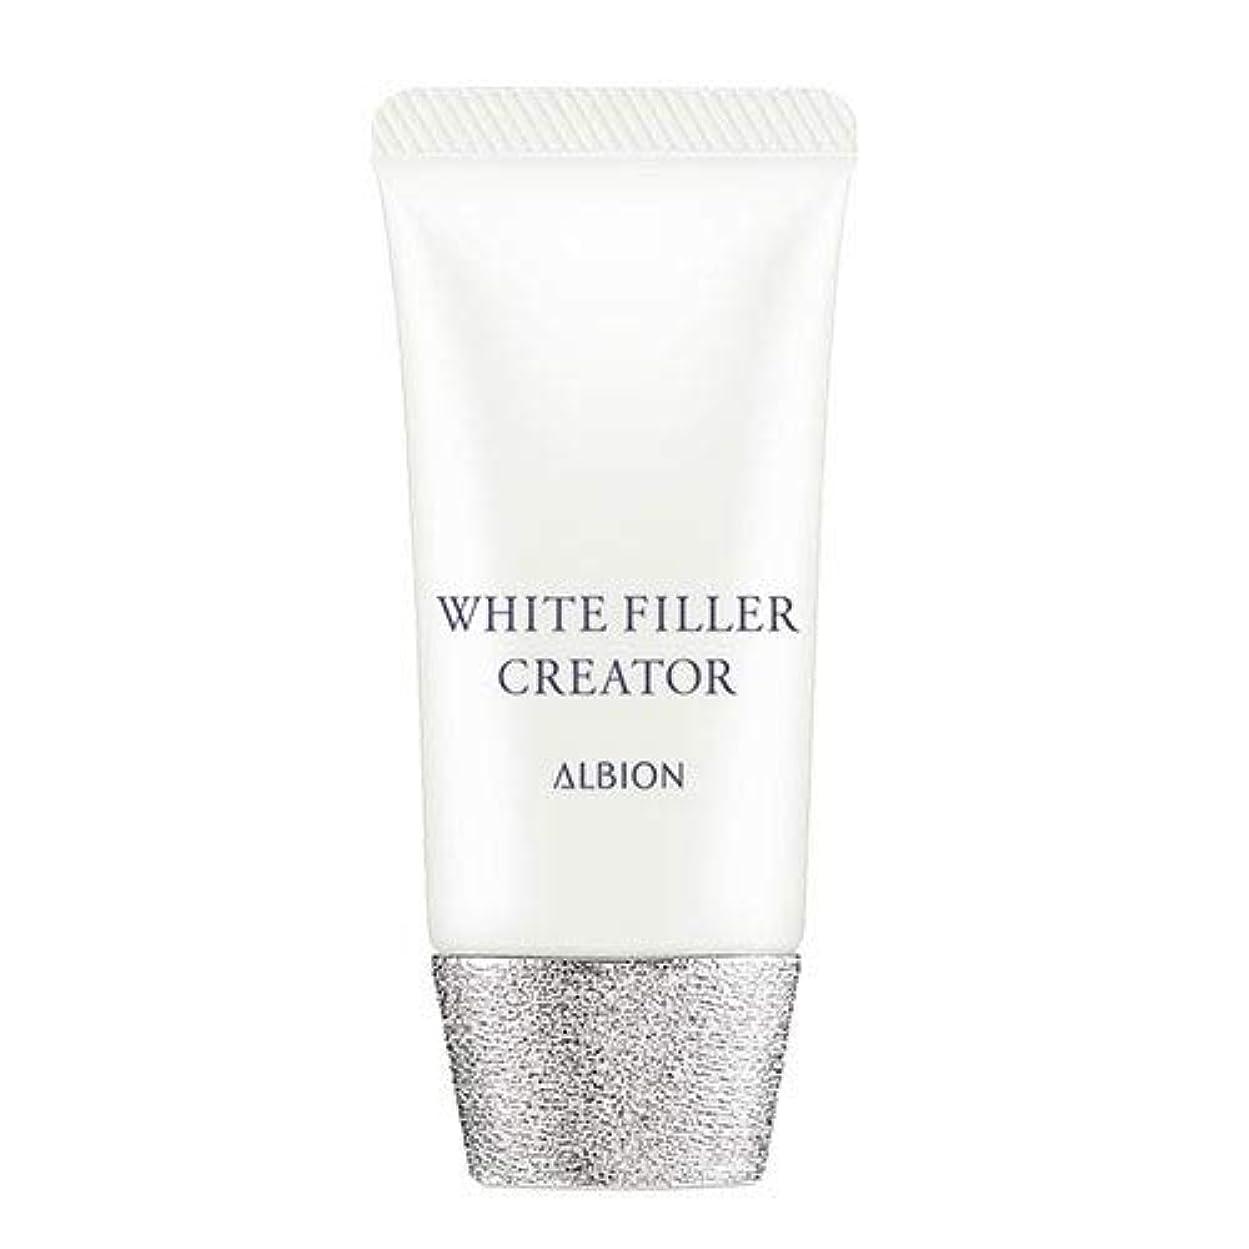 ゲーム退屈な防ぐアルビオン ホワイトフィラー クリエイター SPF35?PA+++ 30g -ALBION-